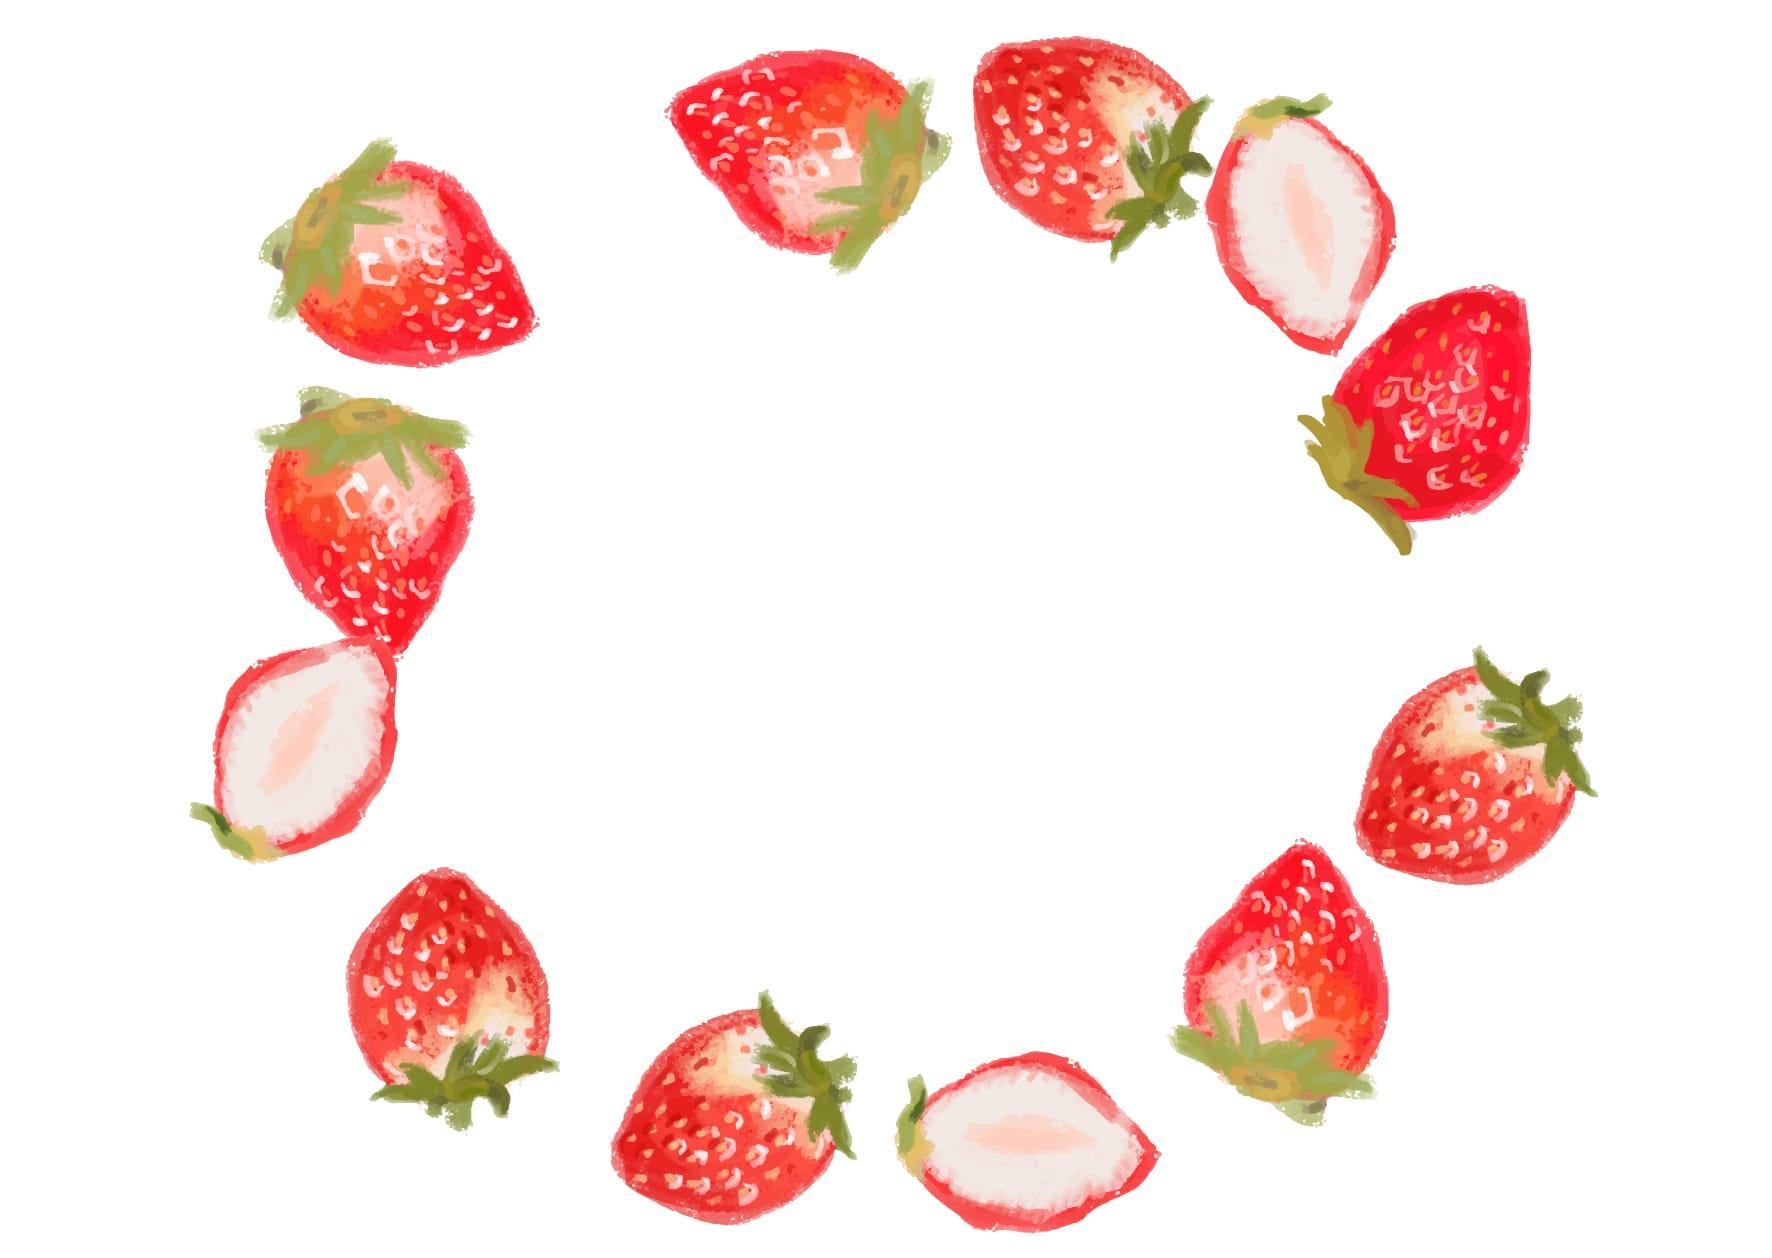 可愛いイラスト無料|手書き いちご フレーム − free illustration  Handwritten strawberry frame